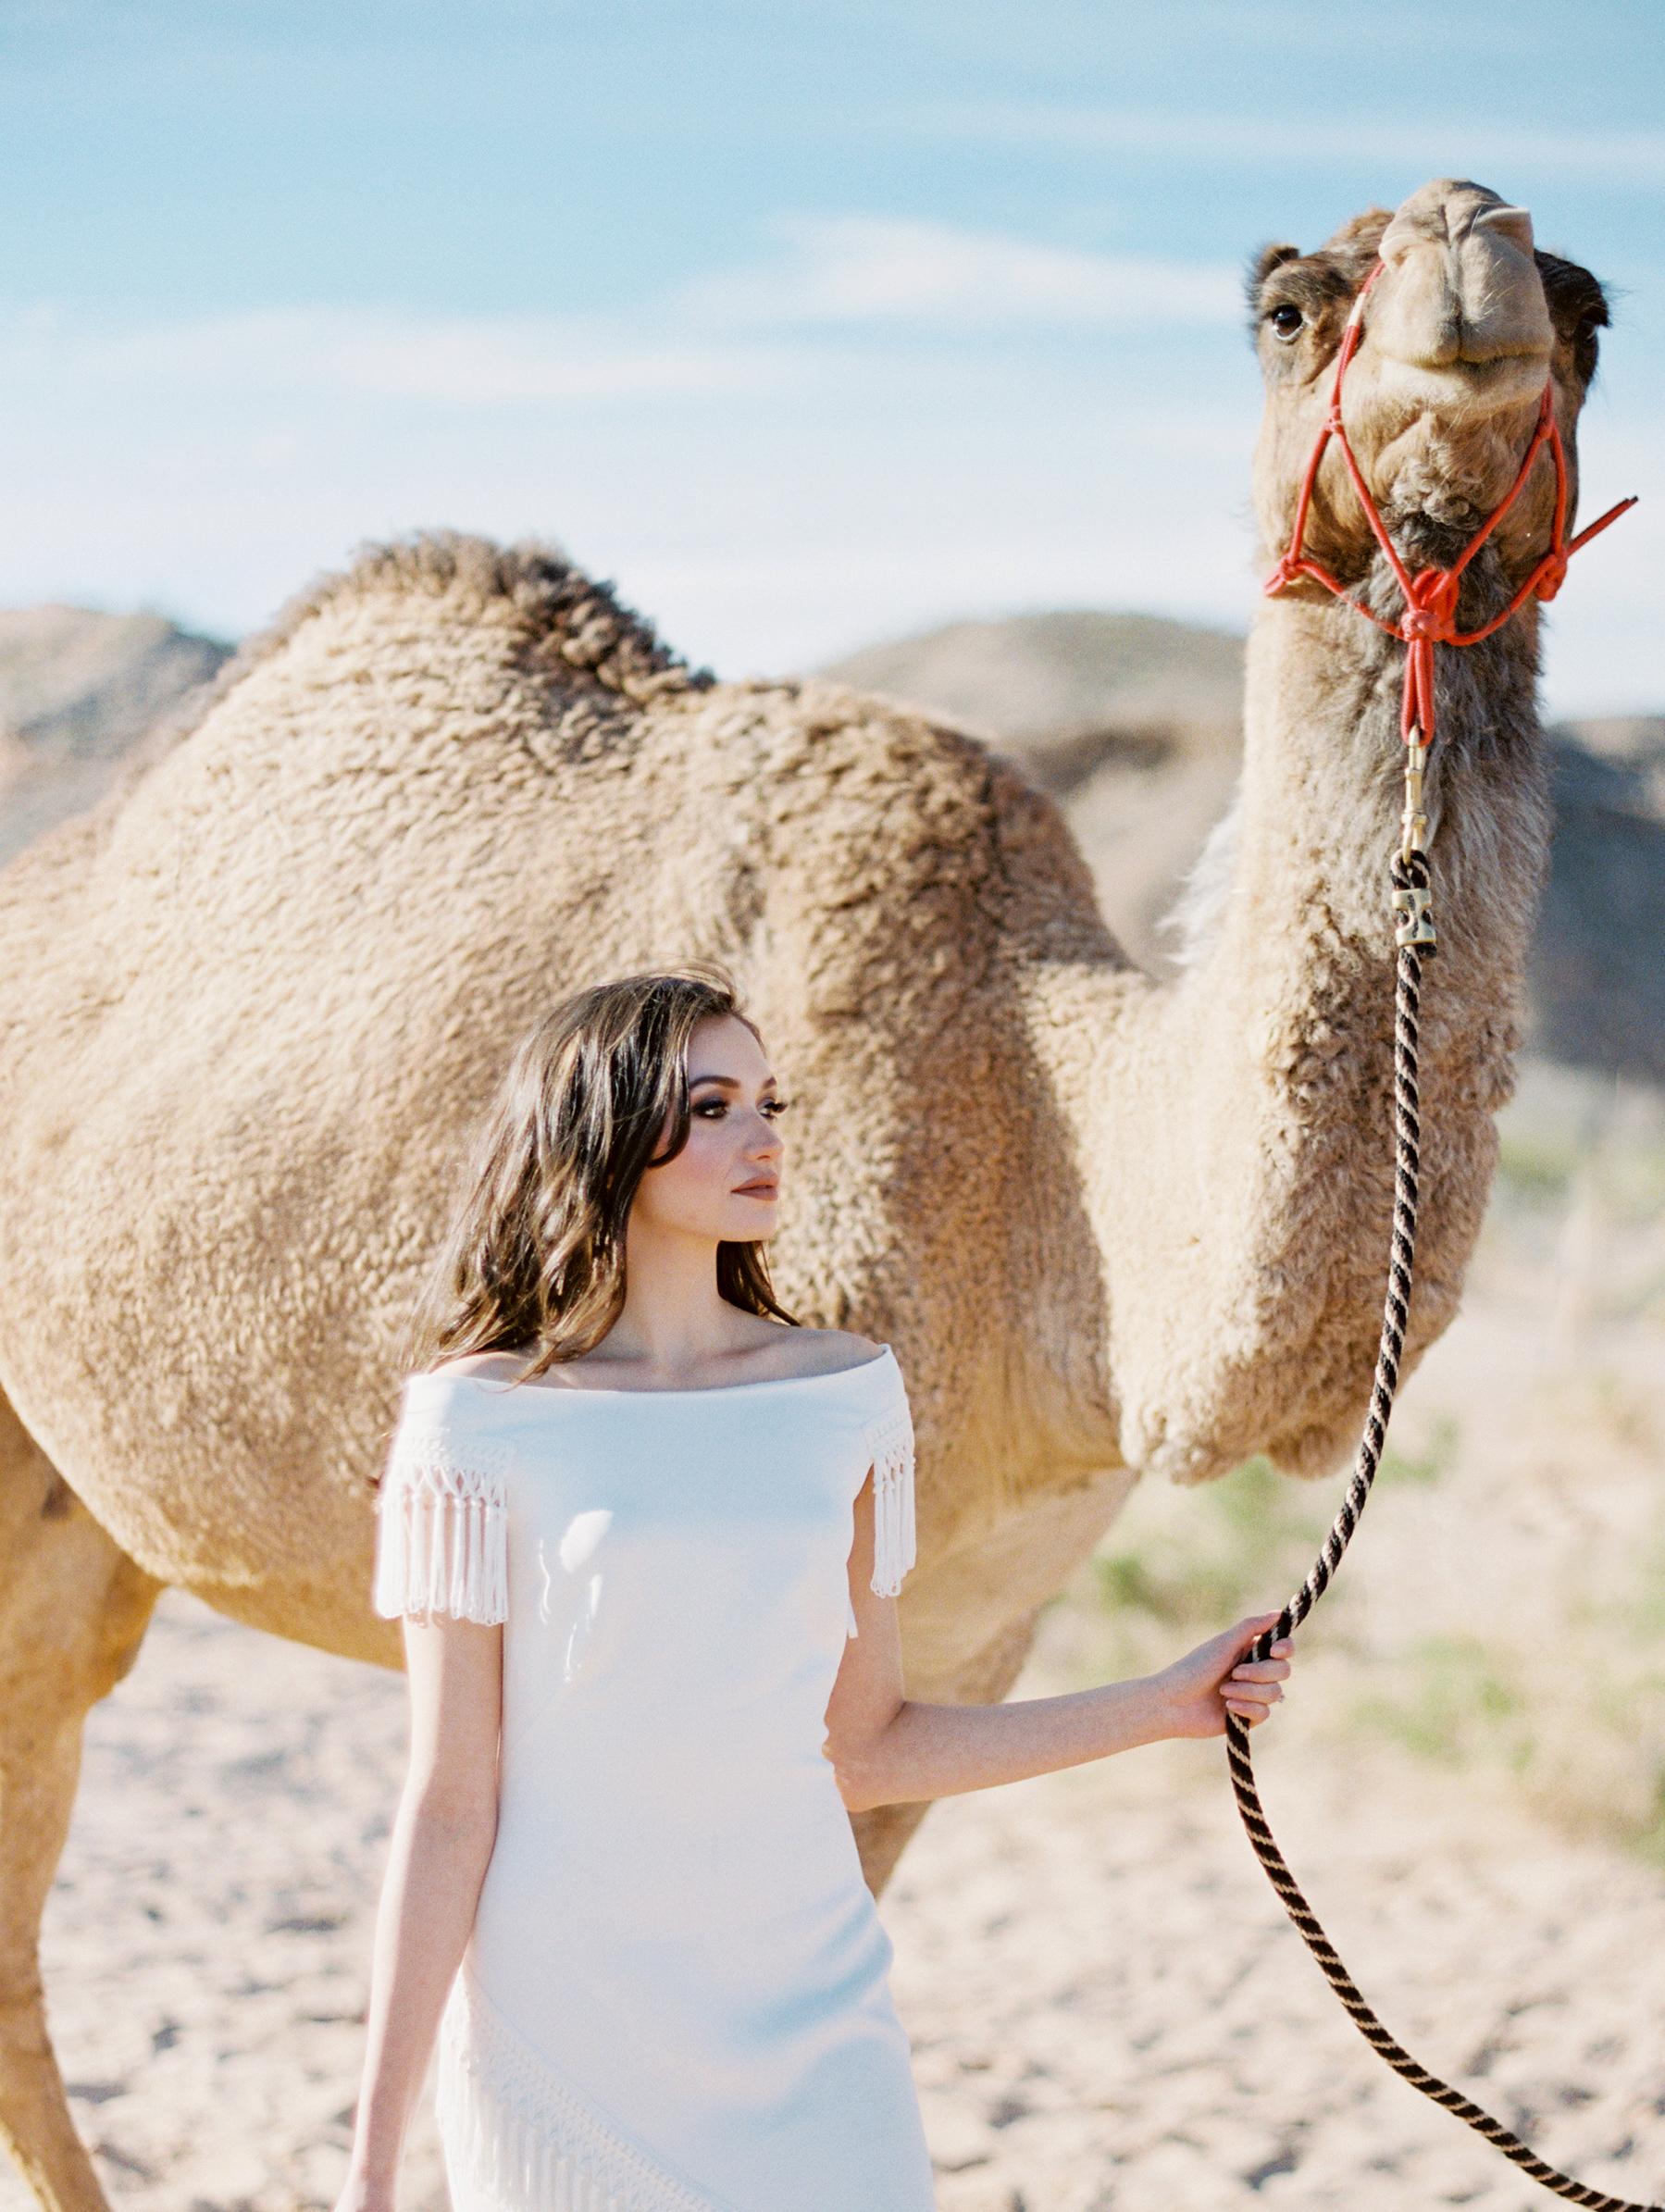 Bernadettemadden_LasVegasMoroccan-12